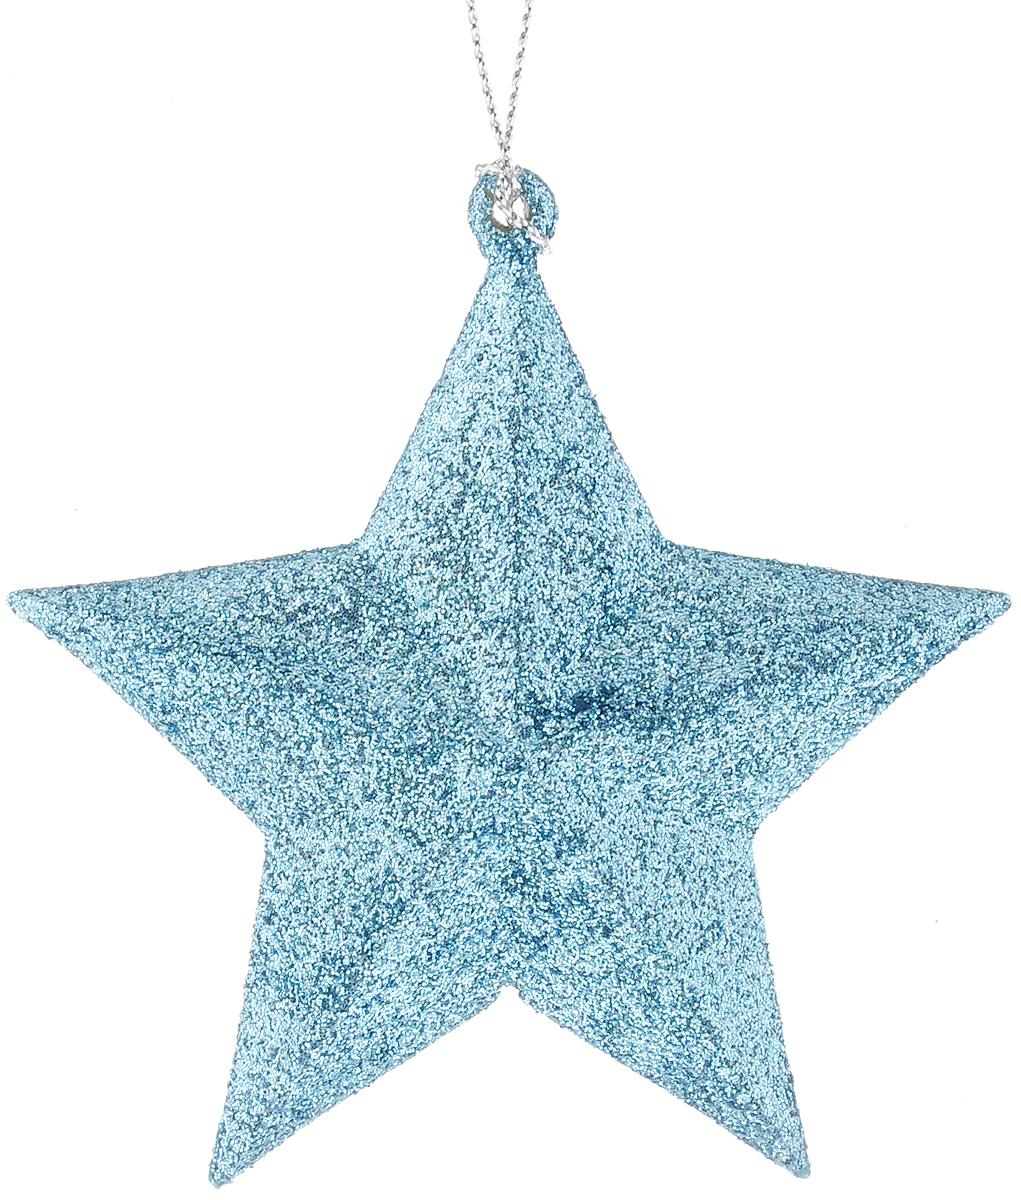 Украшение новогоднее подвесное Magic Time Звезда в голубом глитере, высота 9 см42100/75110Новогоднее подвесное украшение Magic Time Звезда в голубом глитере выполнено из полипропилена в виде звезды и украшено блестками. С помощью специальной петельки украшение можно повесить в любом понравившемся вам месте. Но, конечно, удачнее всего оно будет смотреться на праздничной елке.Елочная игрушка - символ Нового года. Она несет в себе волшебство и красоту праздника. Создайте в своем доме атмосферу веселья и радости, украшая новогоднюю елку нарядными игрушками, которые будут из года в год накапливать теплоту воспоминаний.